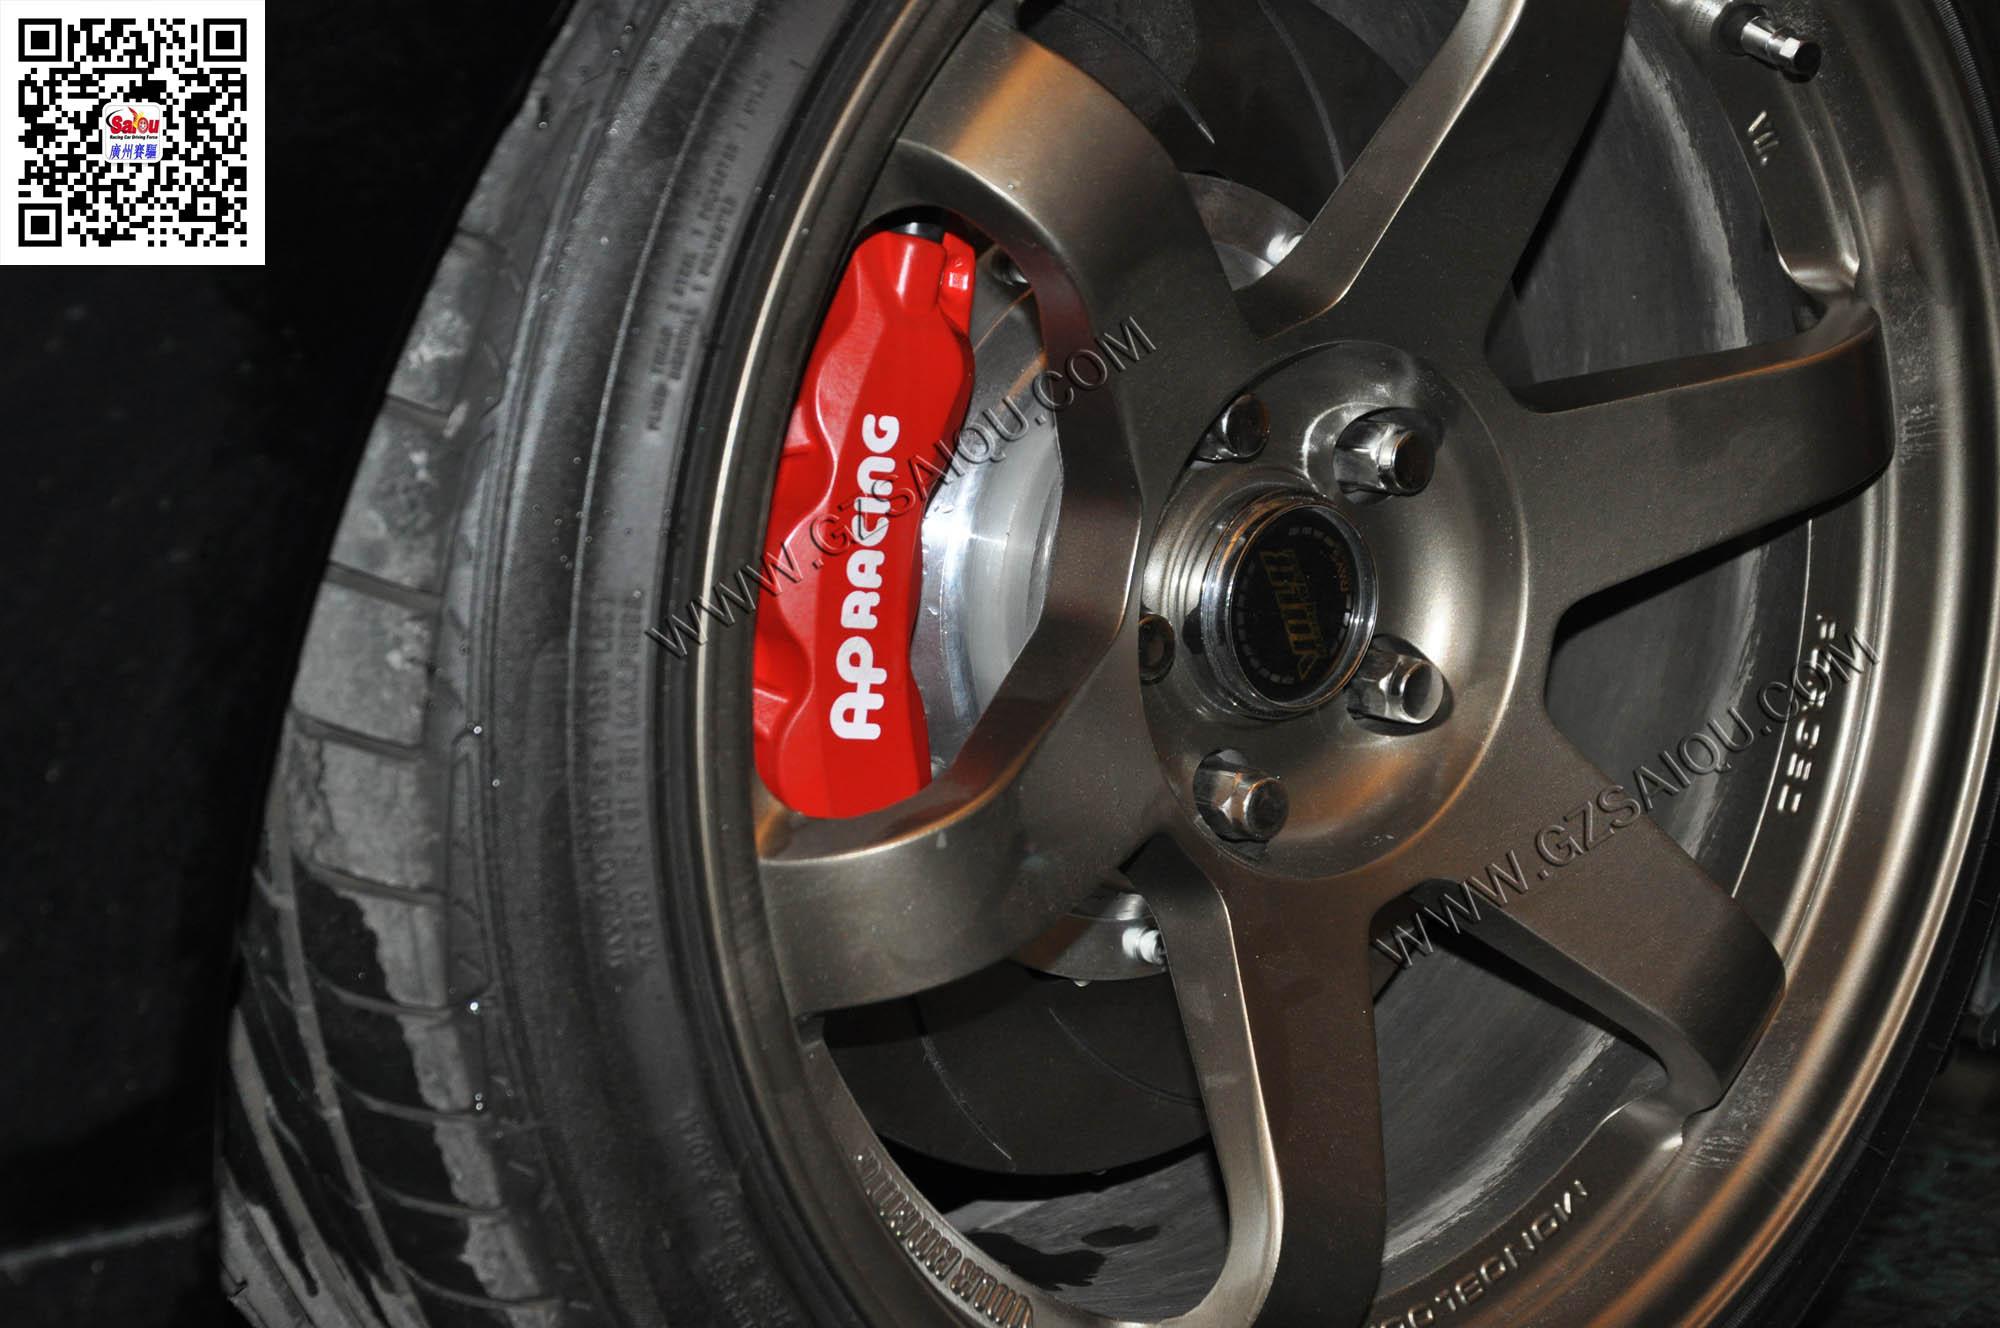 炫装版的18寸熏黑轮毂配合红色ap9040刹车卡钳套装,进一步展现了锐志